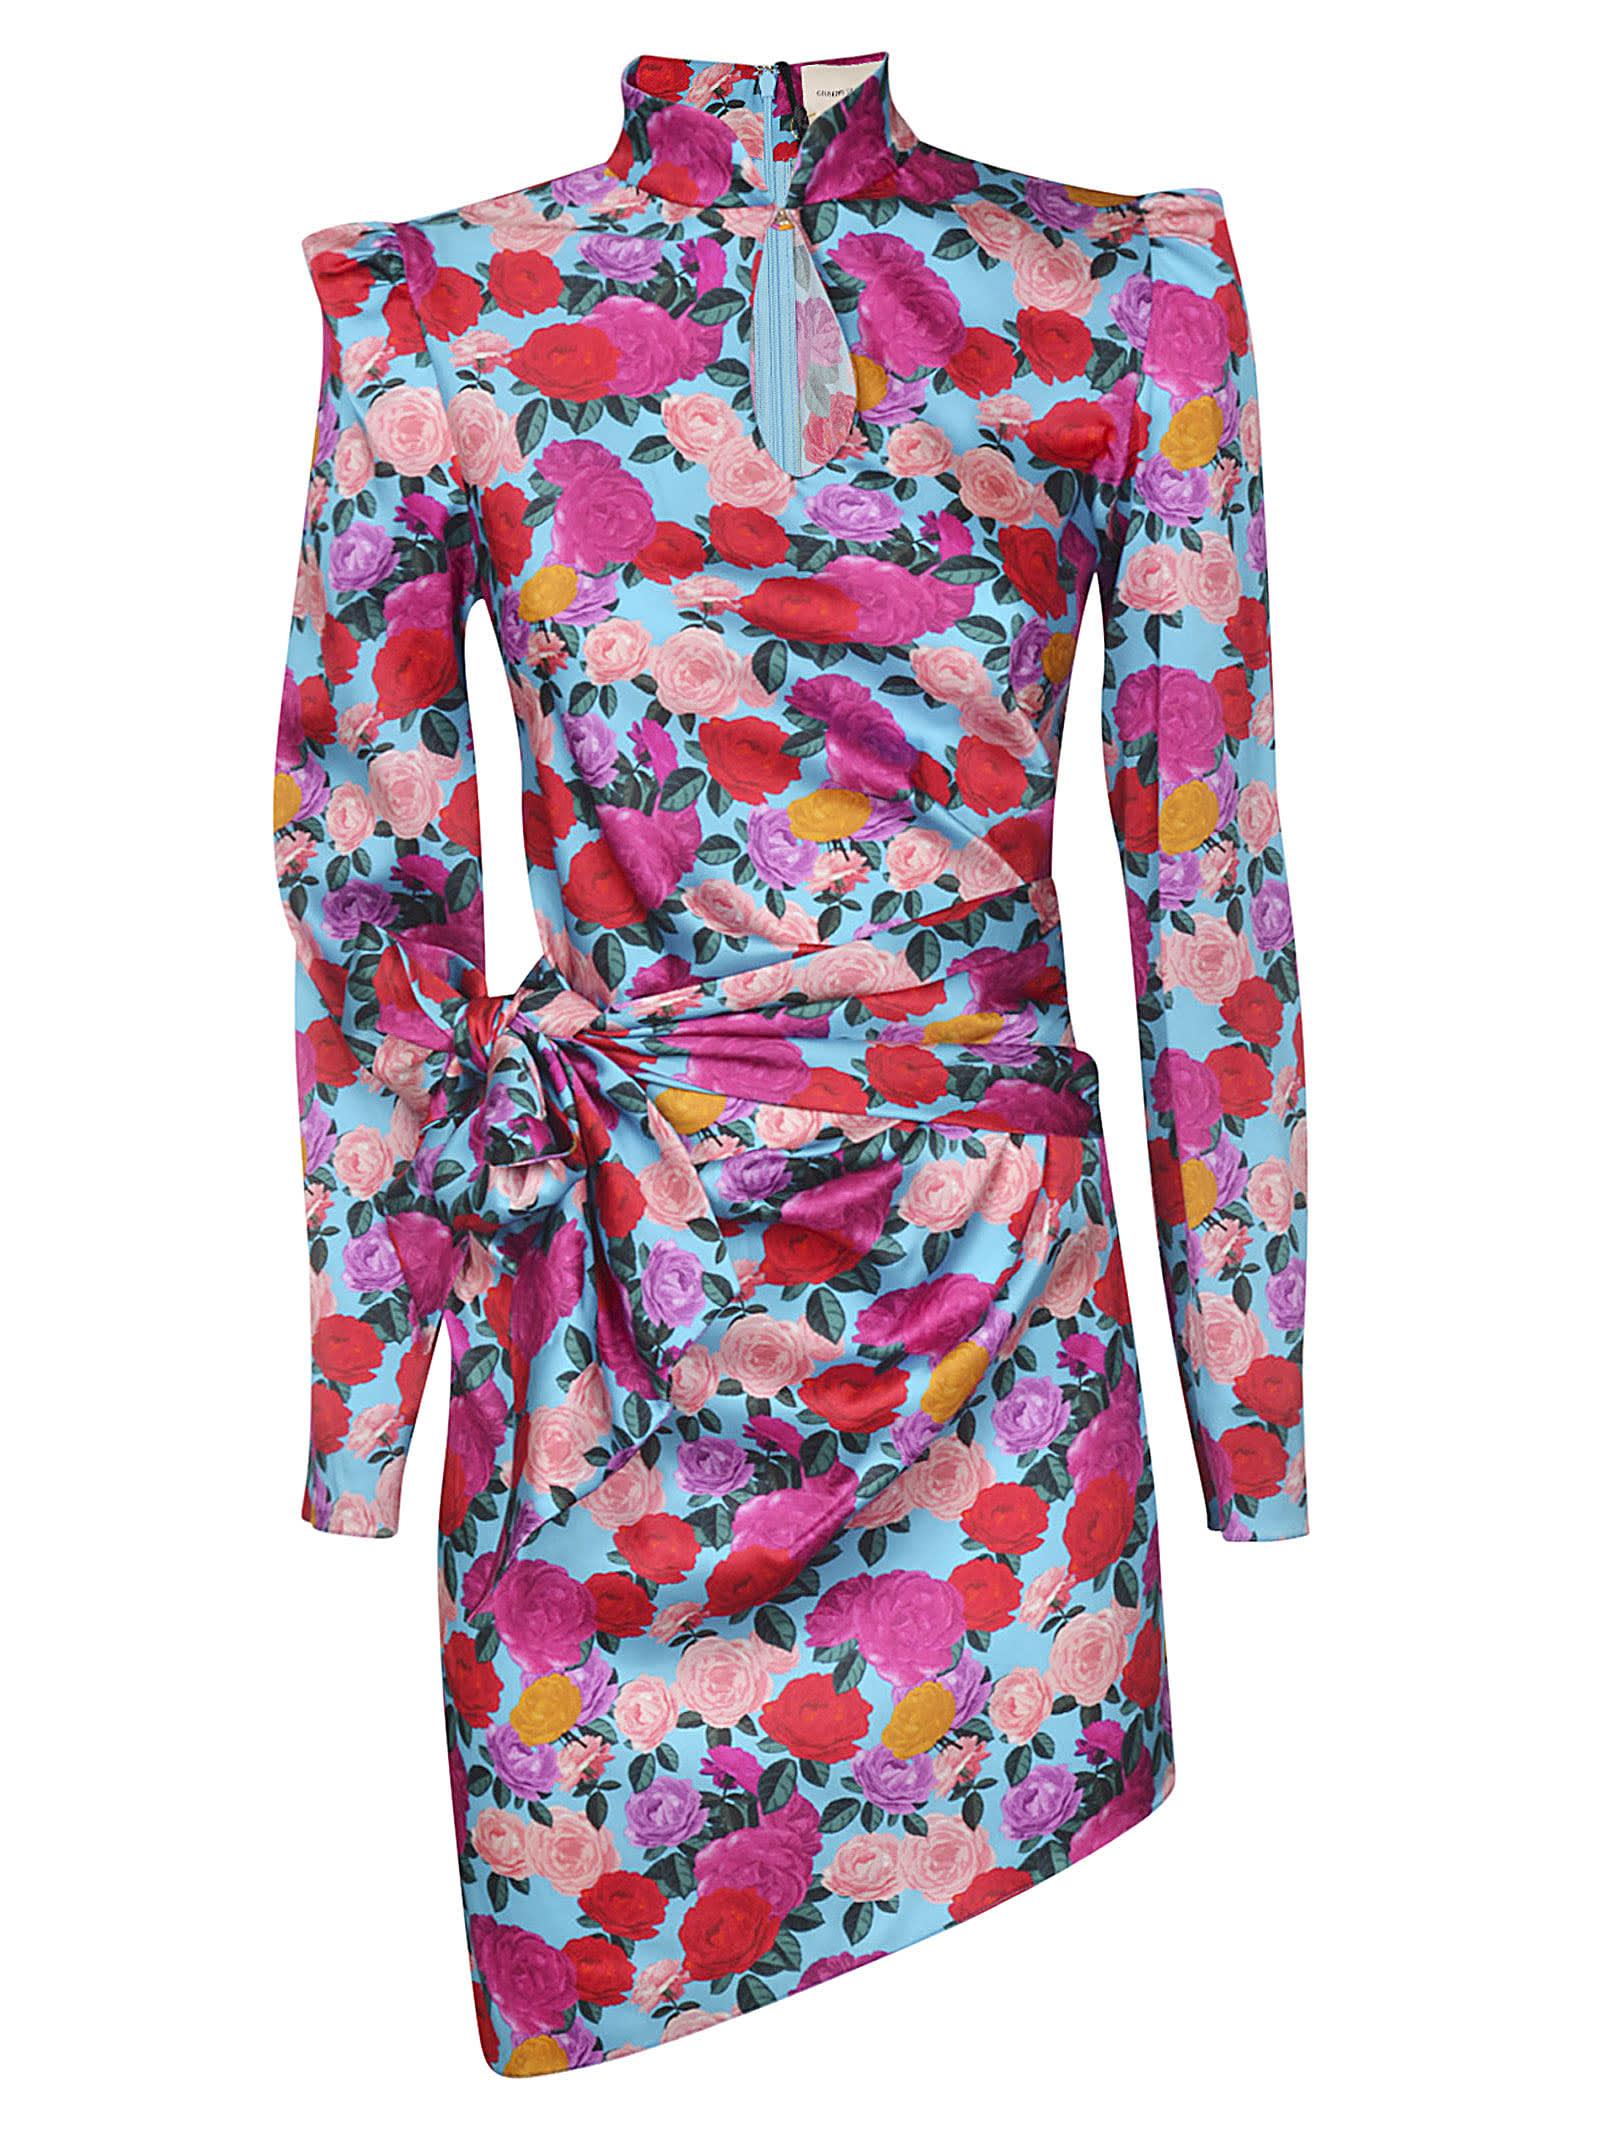 Buy Giuseppe di Morabito Floral Print Asymmetric Dress online, shop Giuseppe di Morabito with free shipping